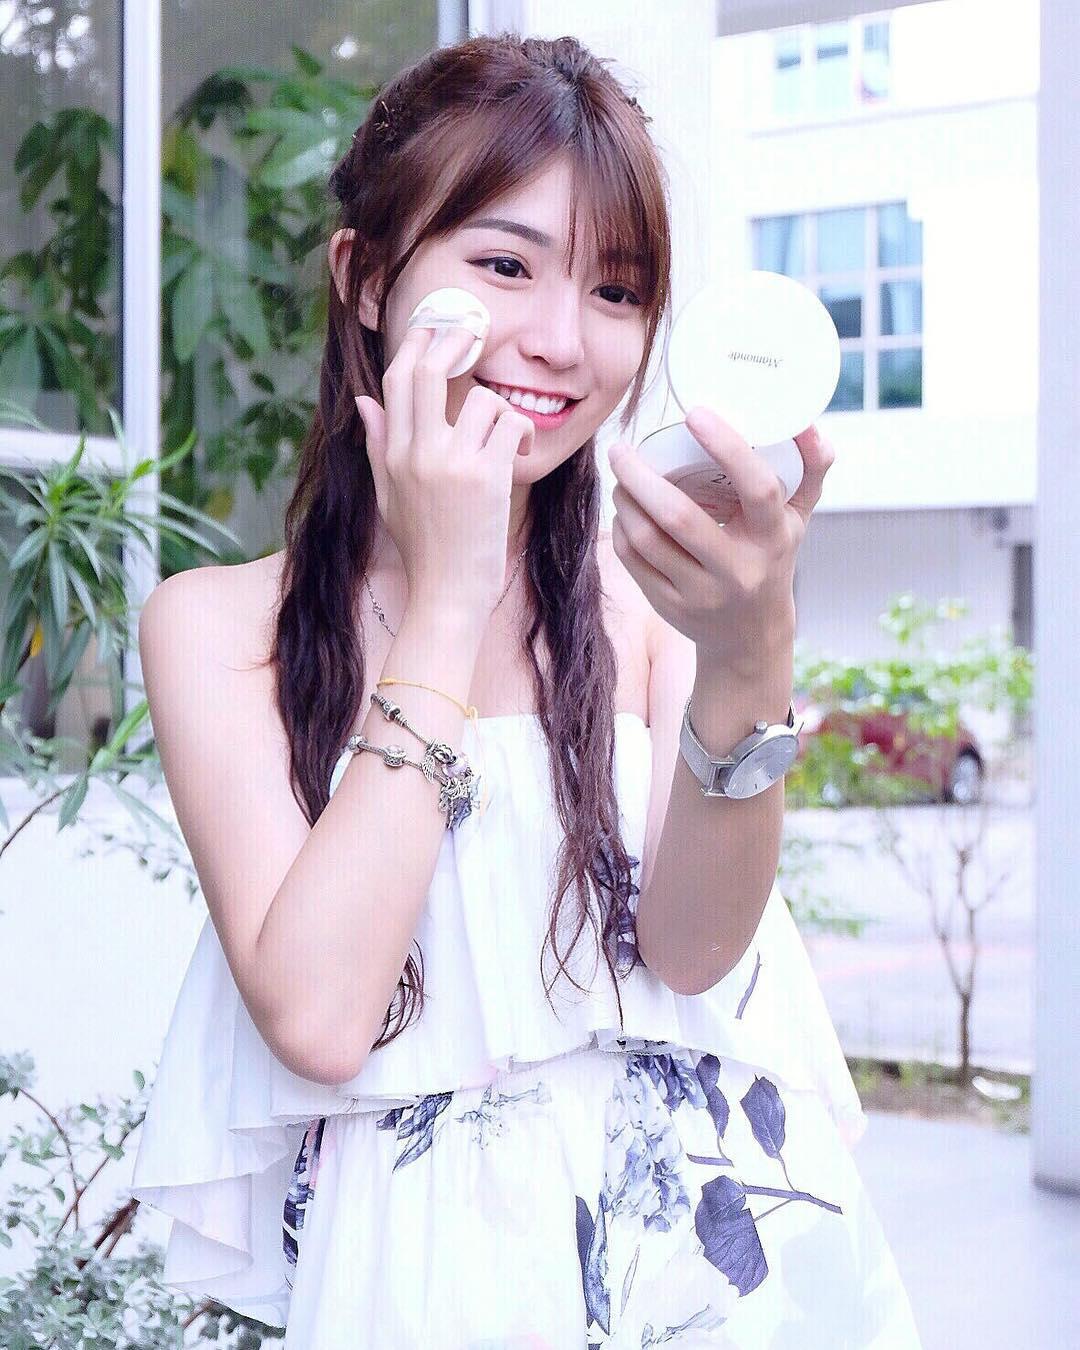 mikowong_22857843_184437838773875_2732290385047977984_n.jpg